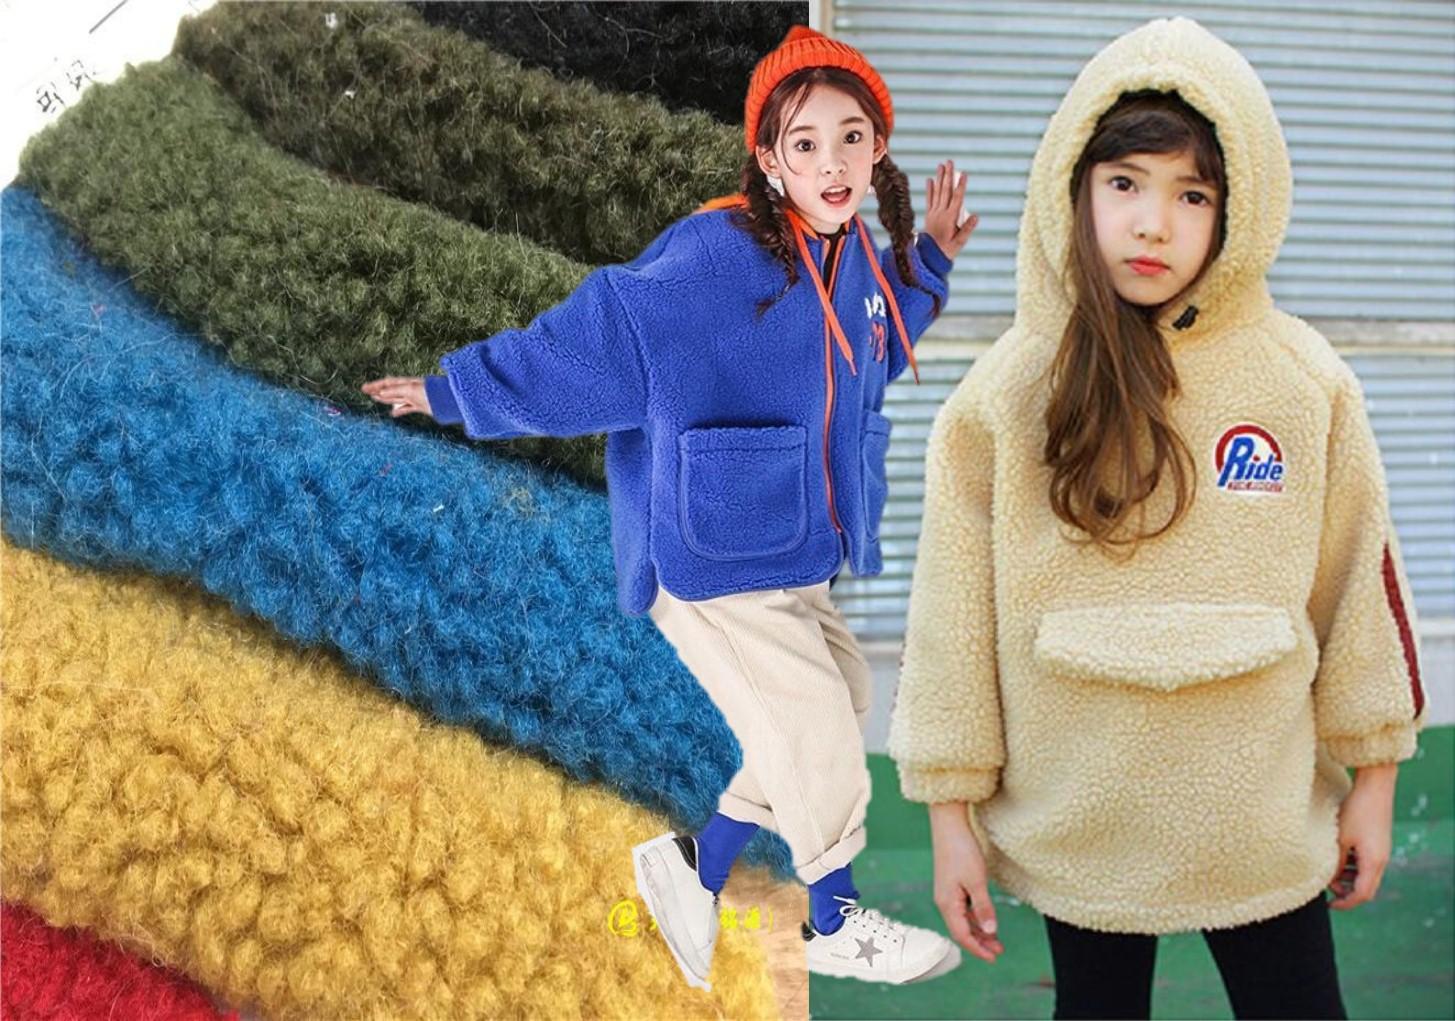 綜述 近兩年毛絨材質在時尚圈的火紅程度可是相當不一般,兼具了時尚、保暖舒適性,實用性強,被廣泛運用于童裝外套!